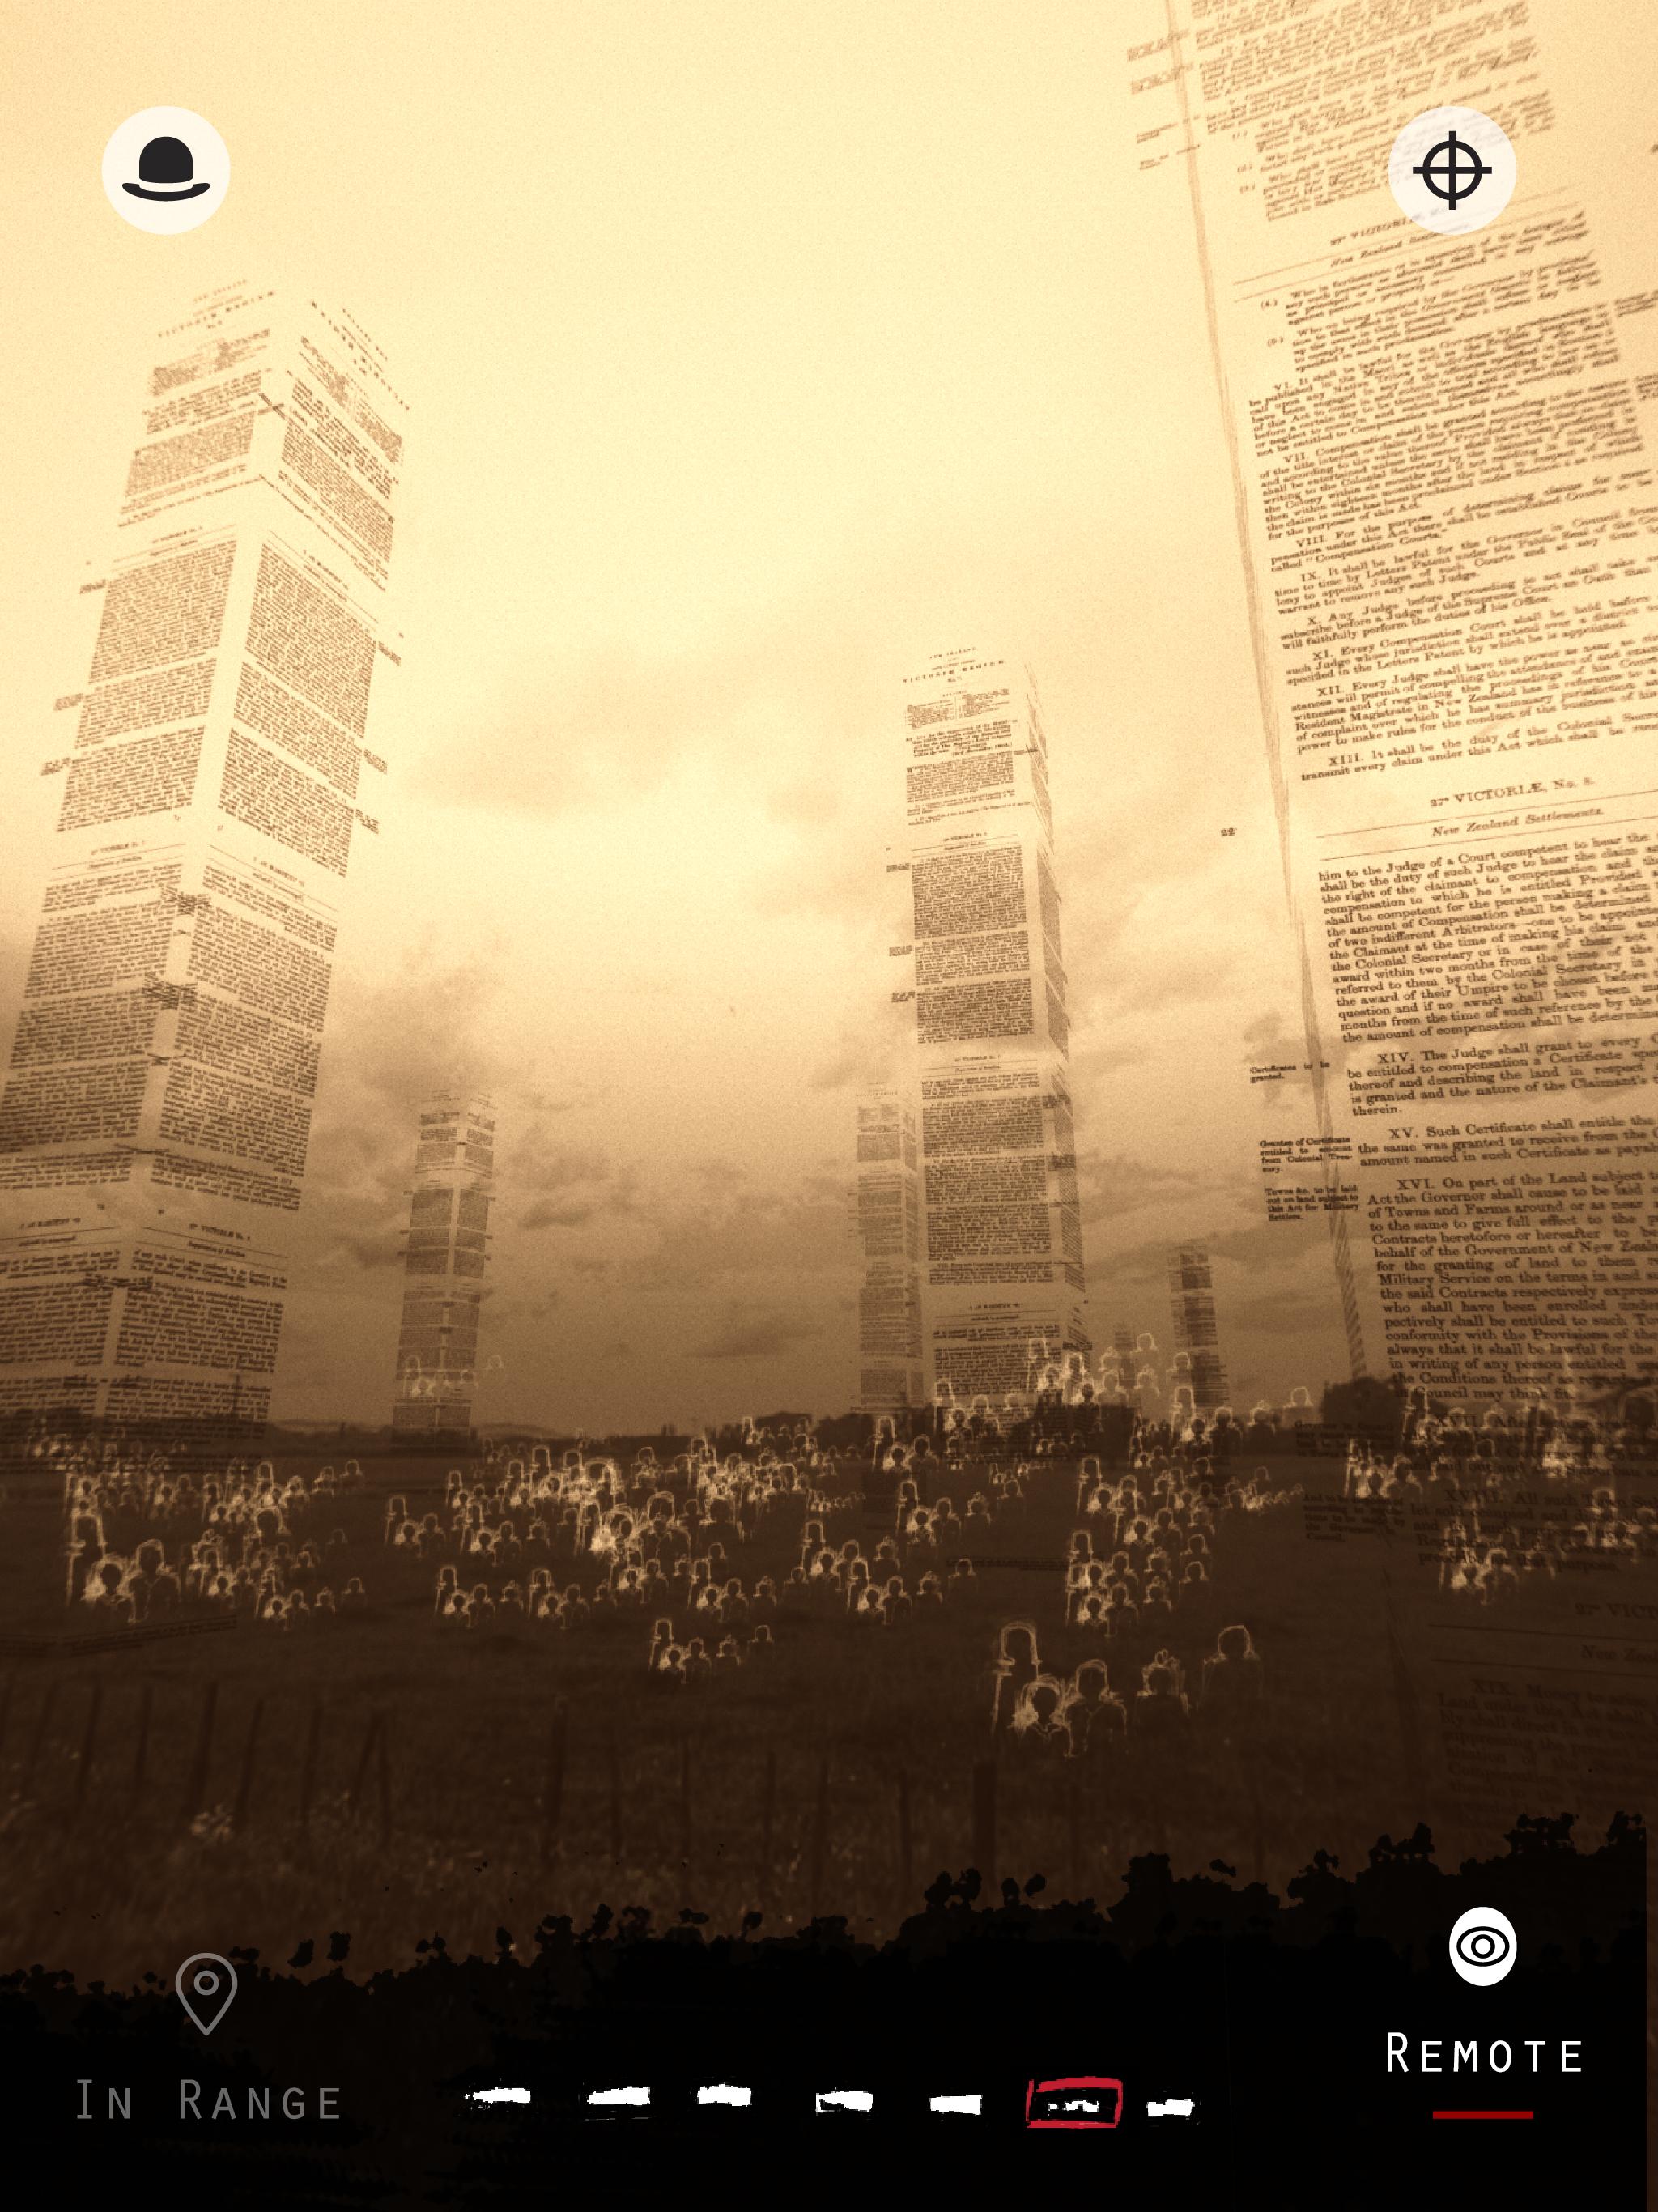 iOSAppStoreScreenshots-08.png